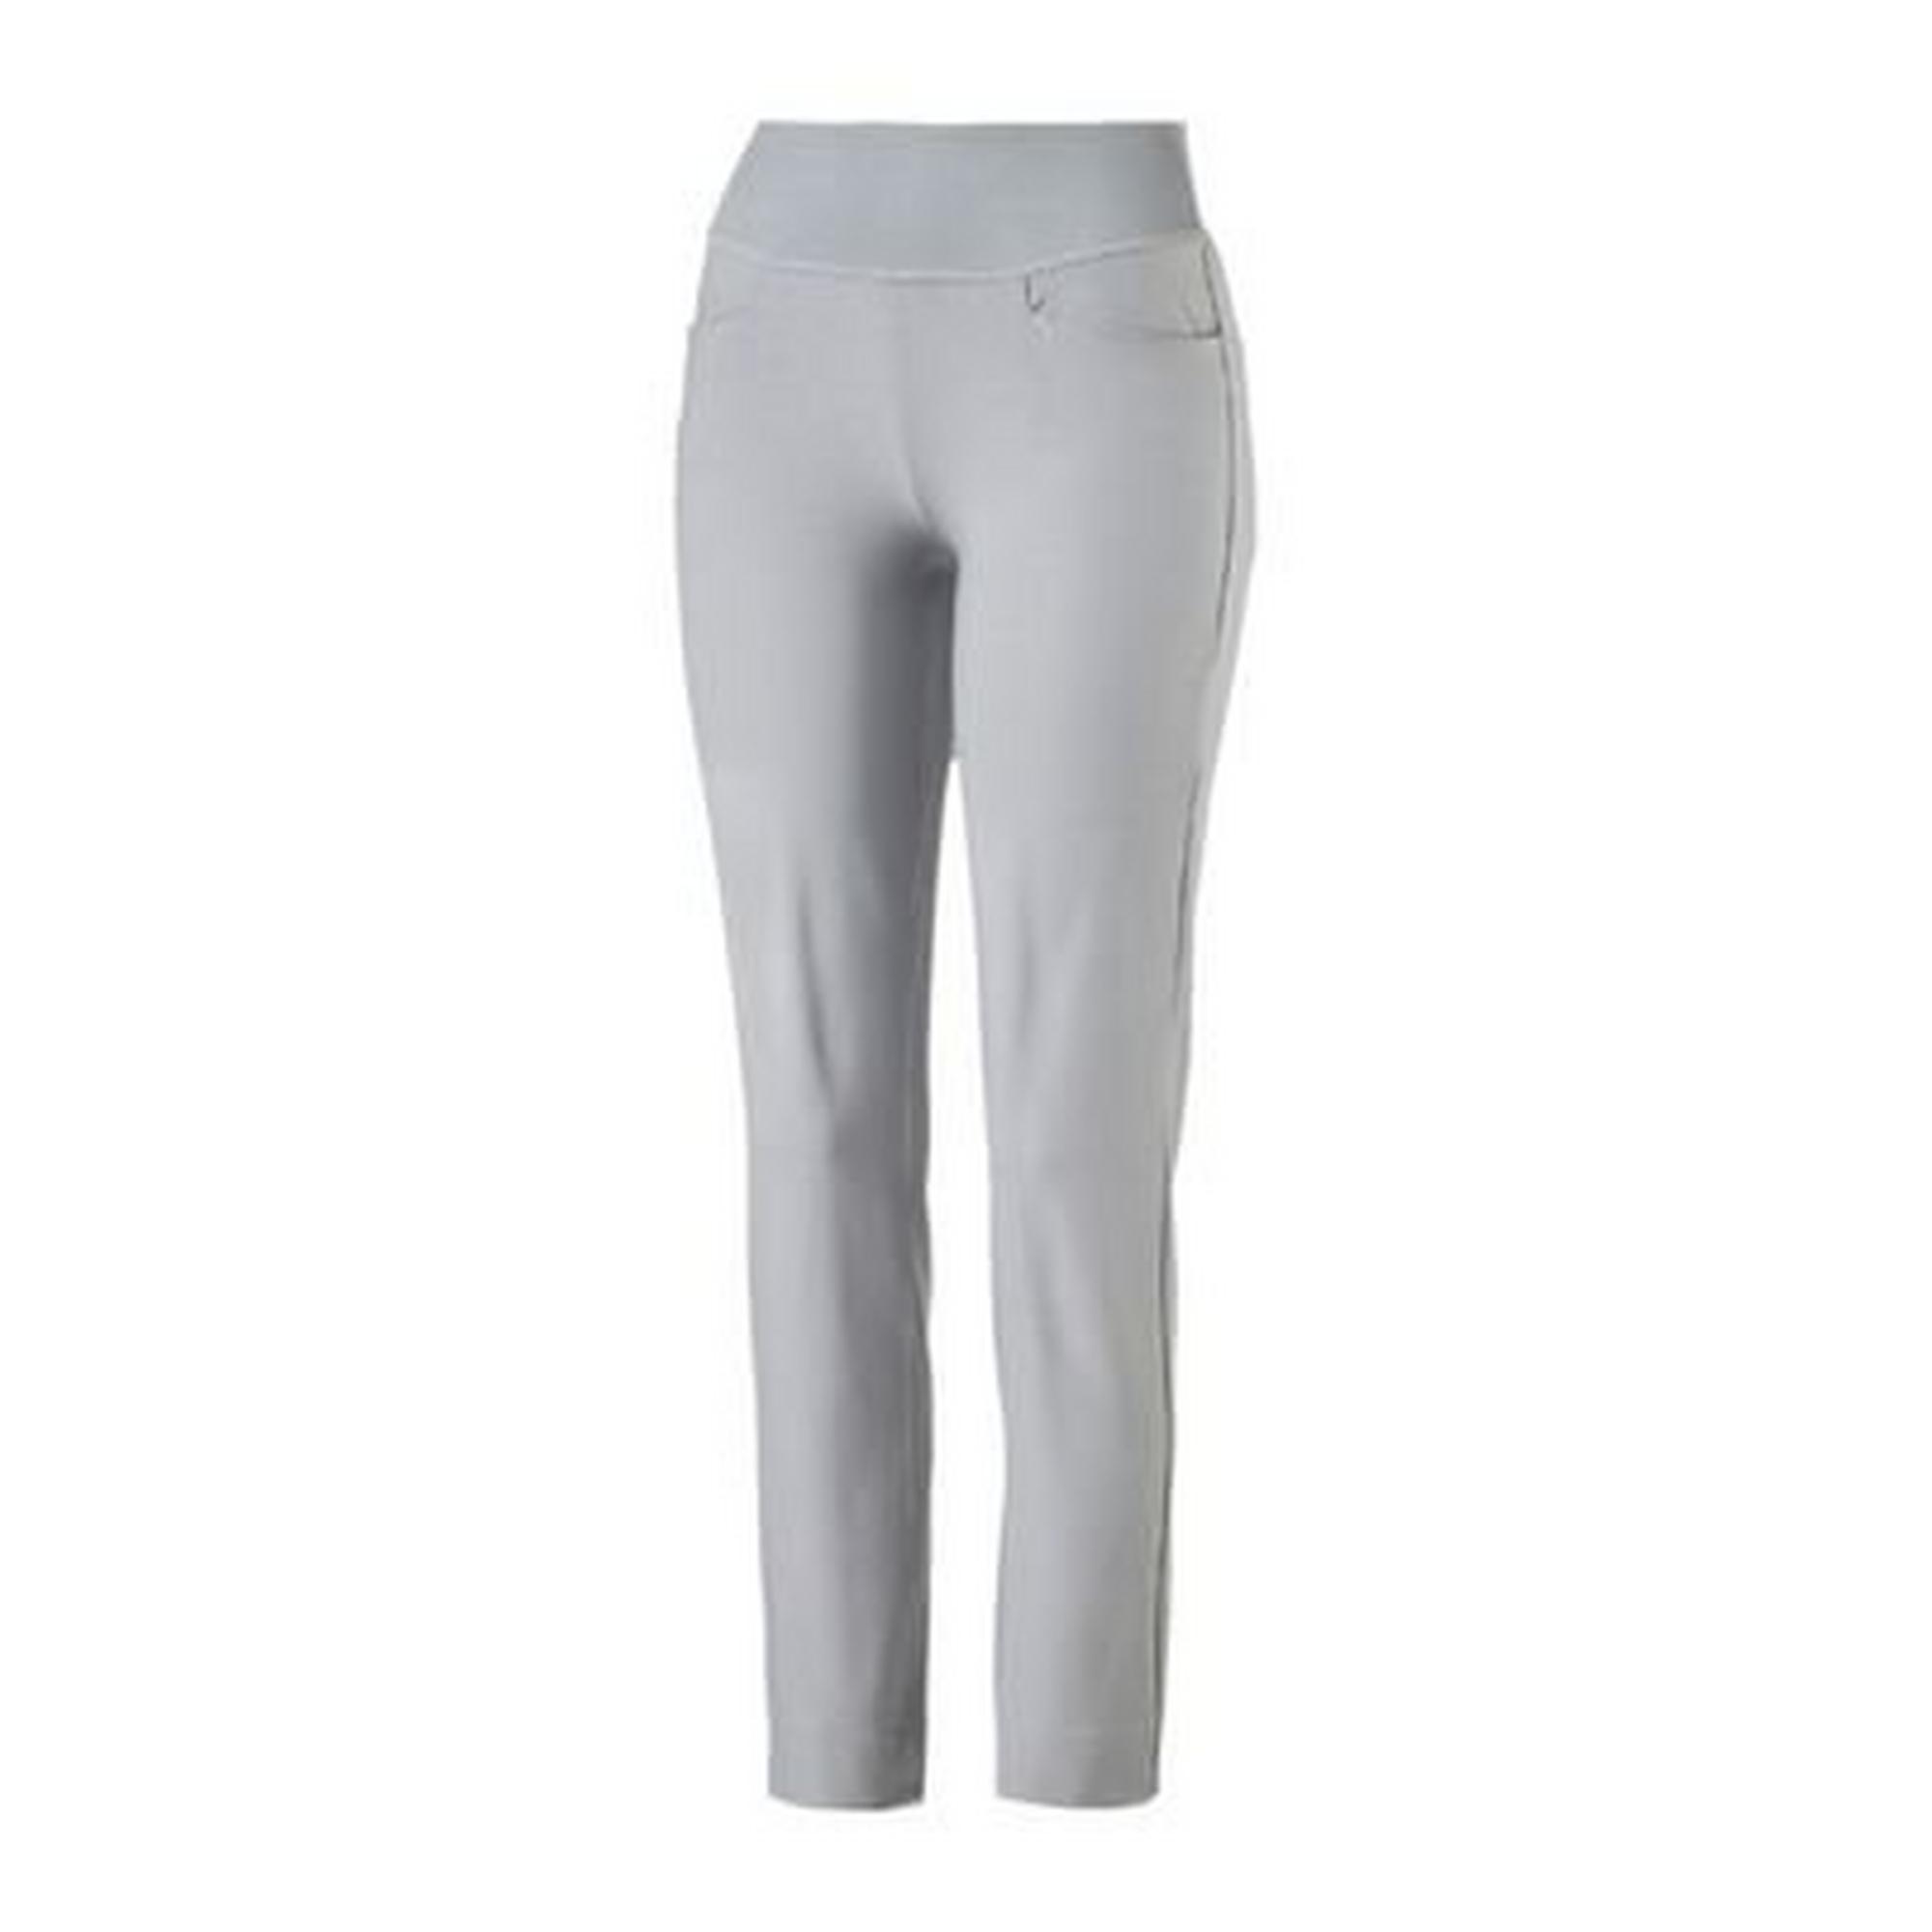 Pantalon PWRSHAPE à taille élastique pour femmes